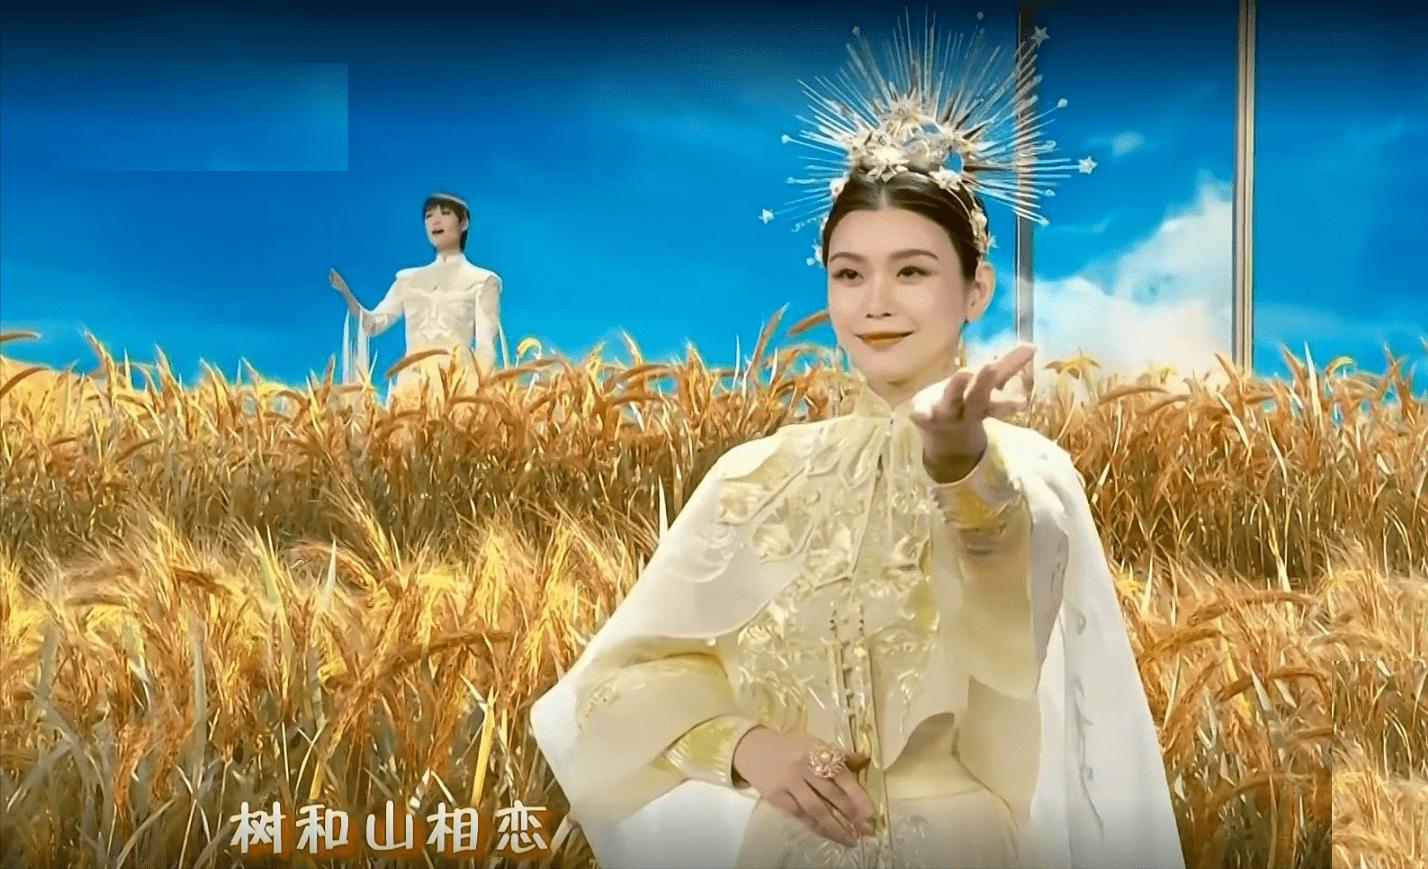 零零后战士职业为什么说对中华民族有清亮的爱